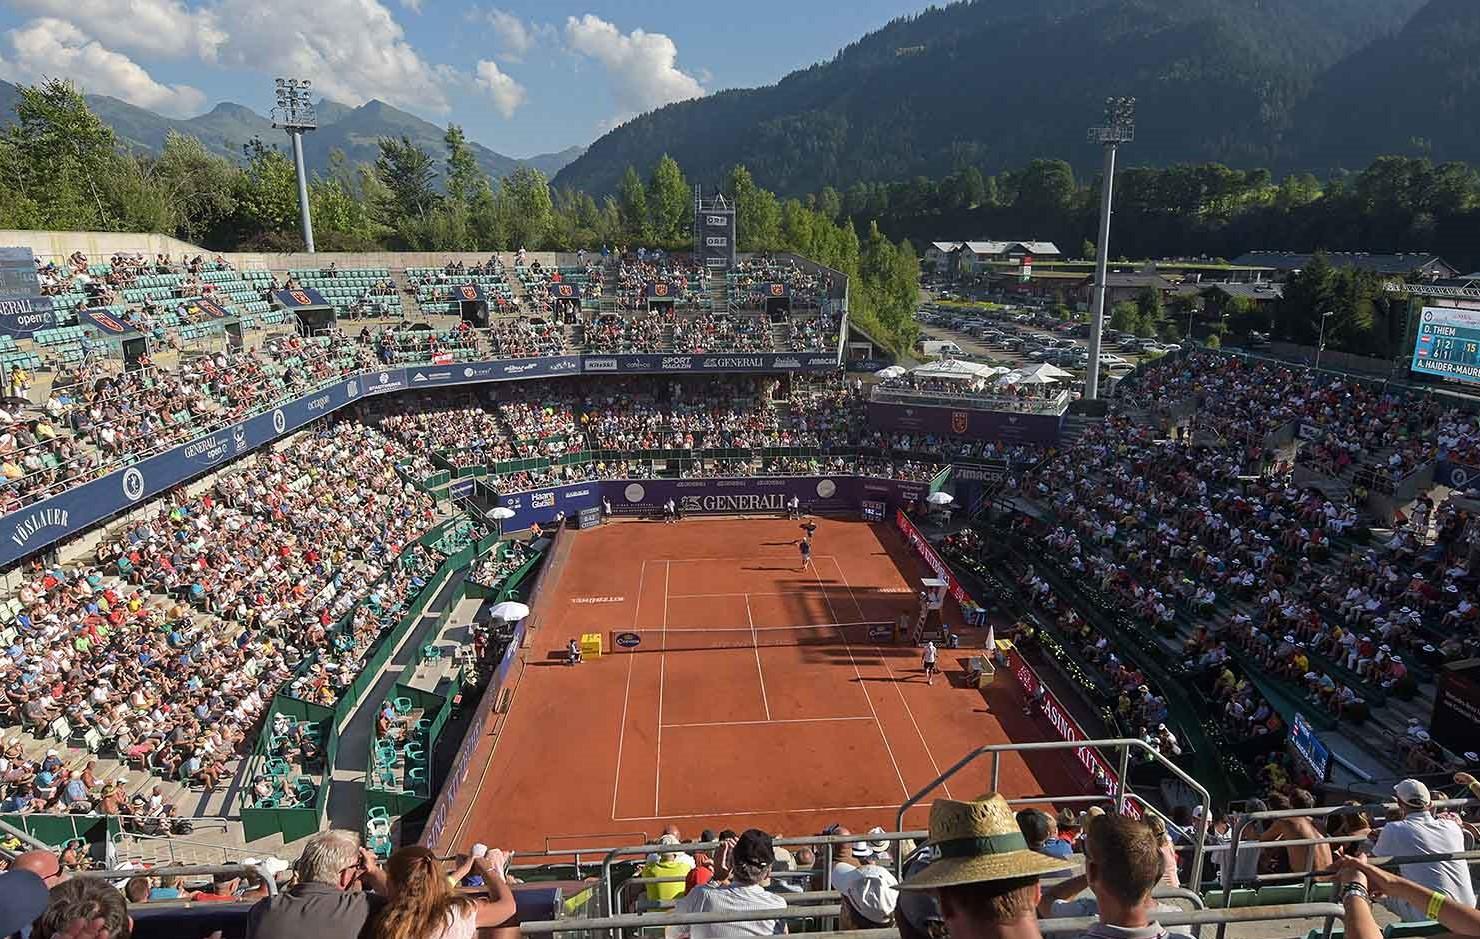 Como a altitude impacta em um jogo de tênis?